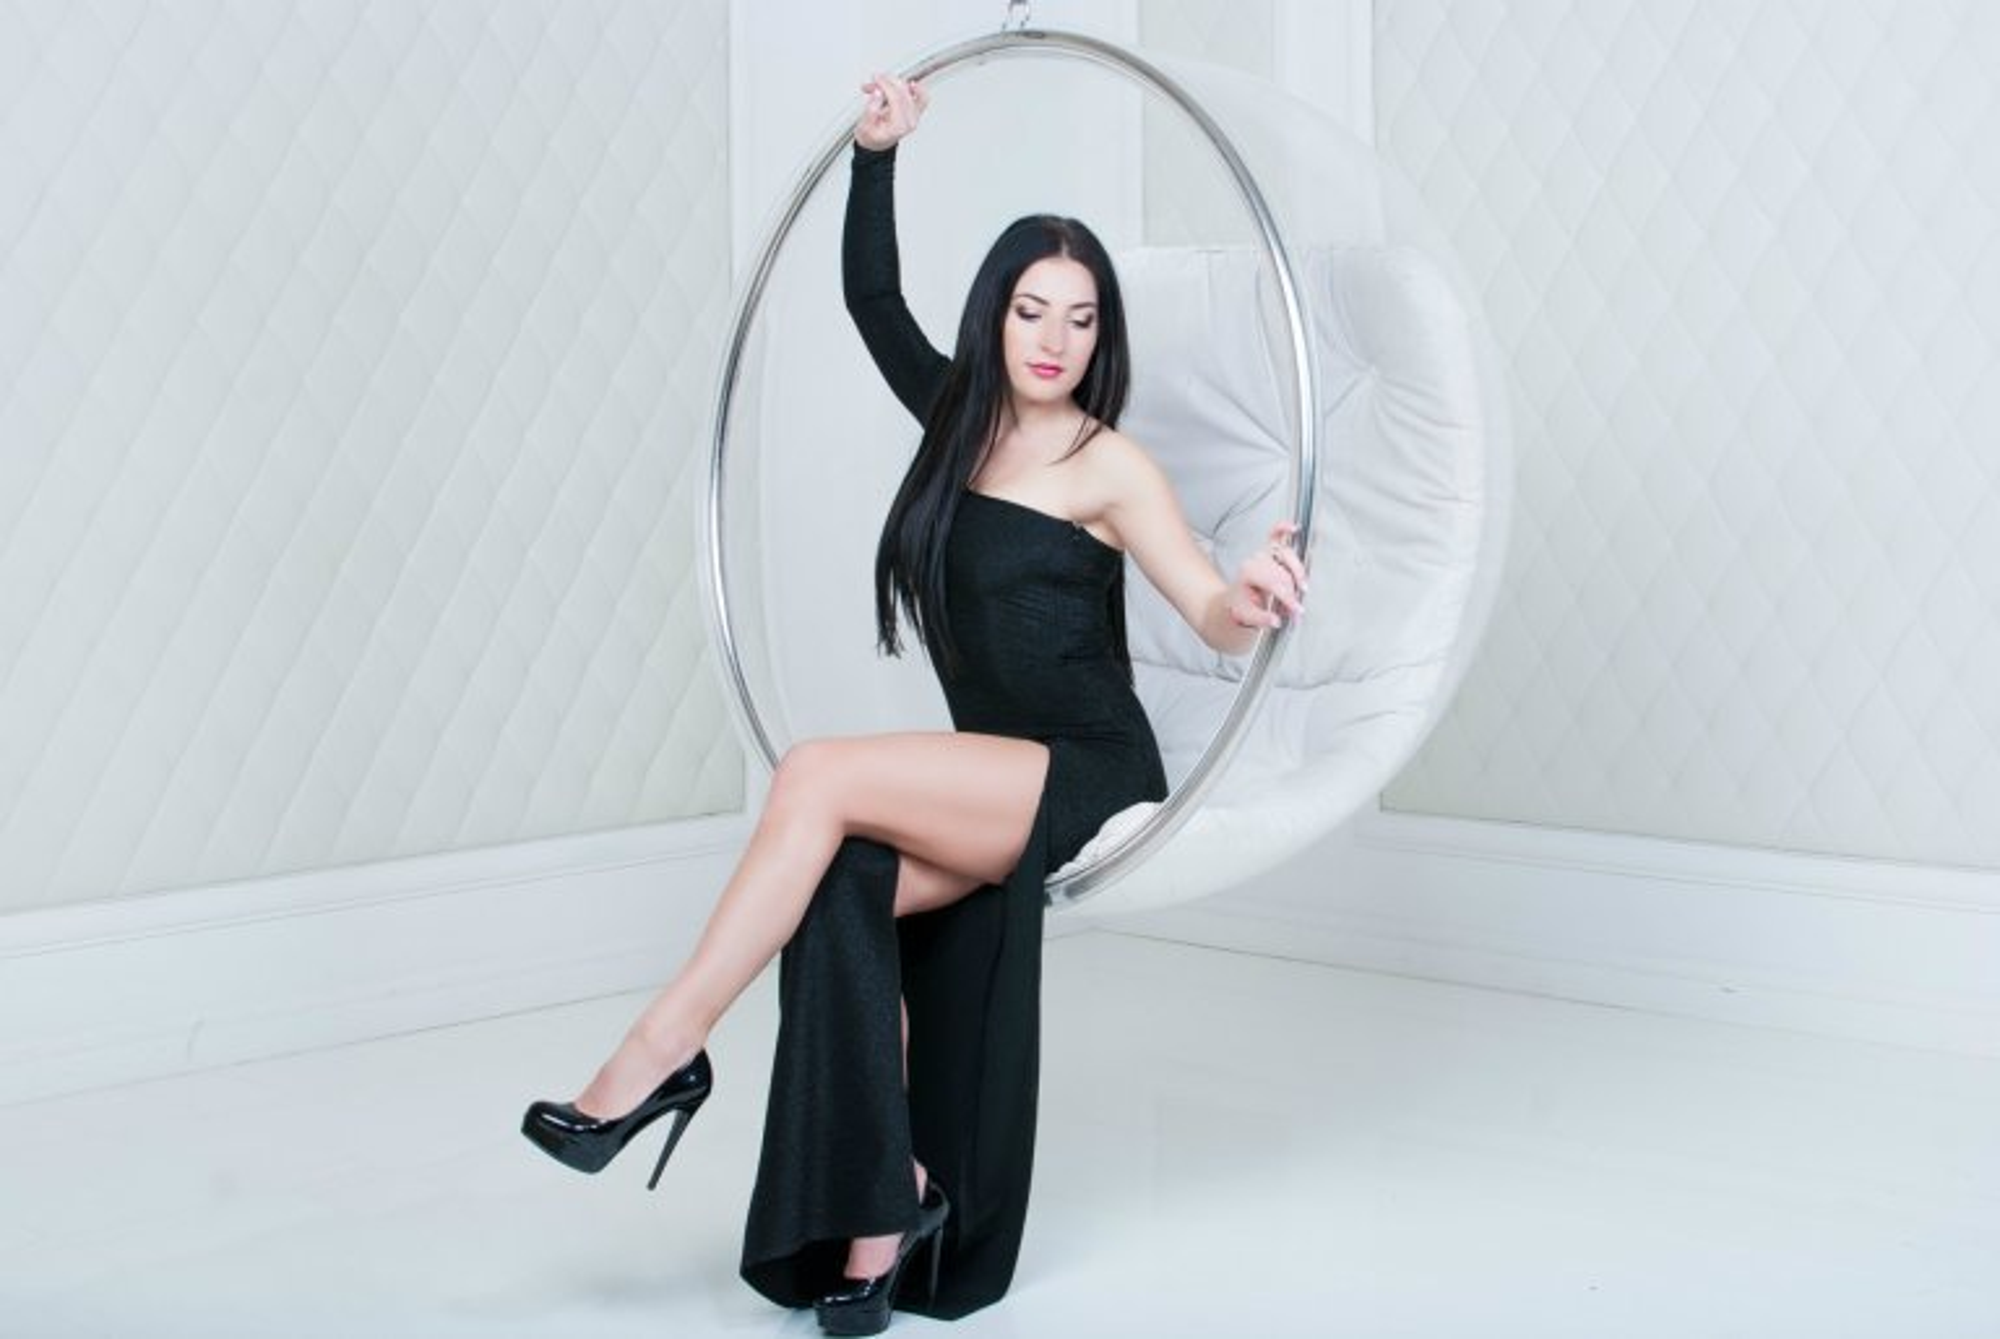 Фотография страстной девушки в студии - Фотограф Женя Лайт